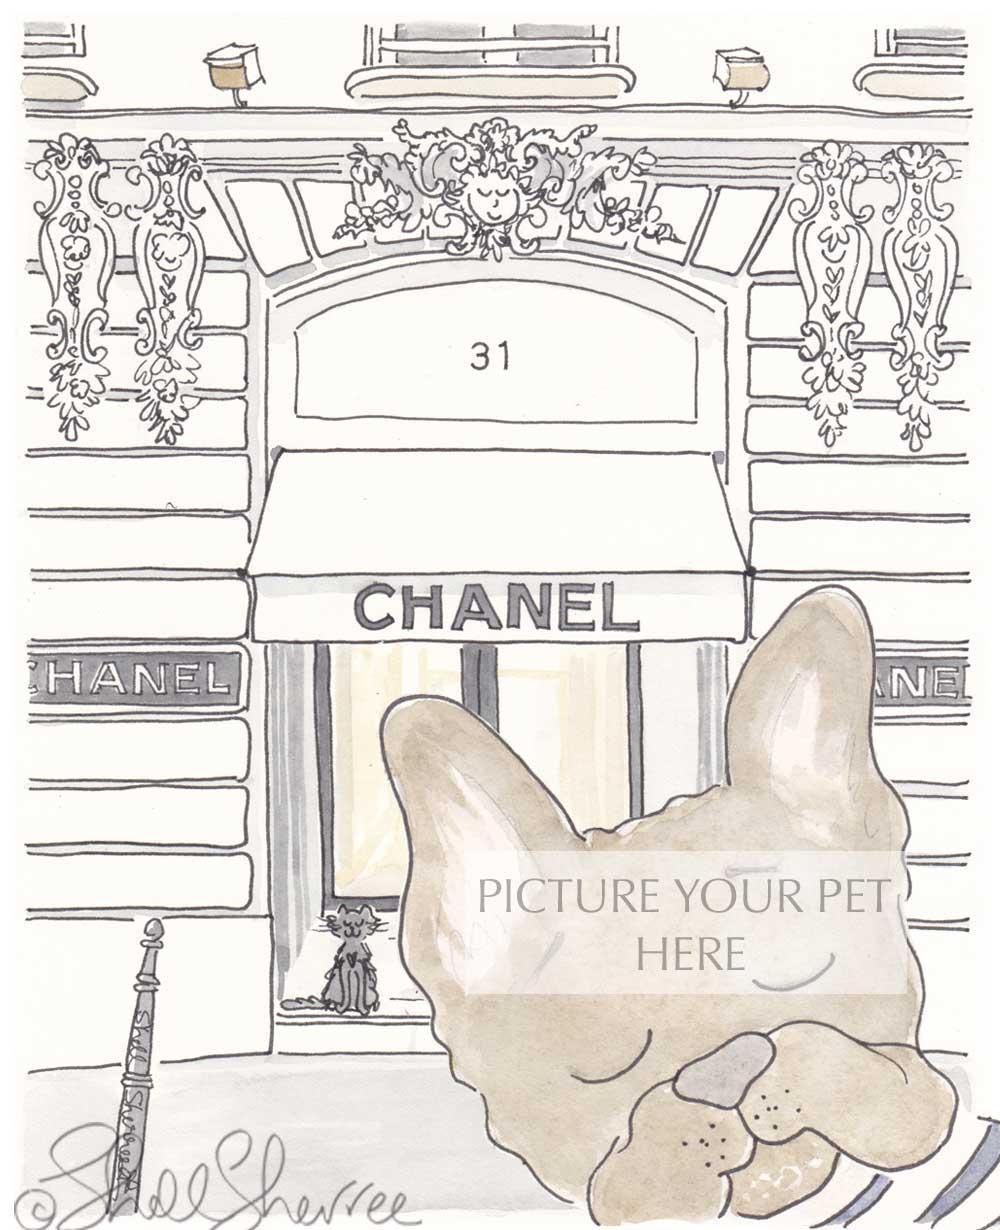 Image of Pet Portrait with Chanel Paris Setting